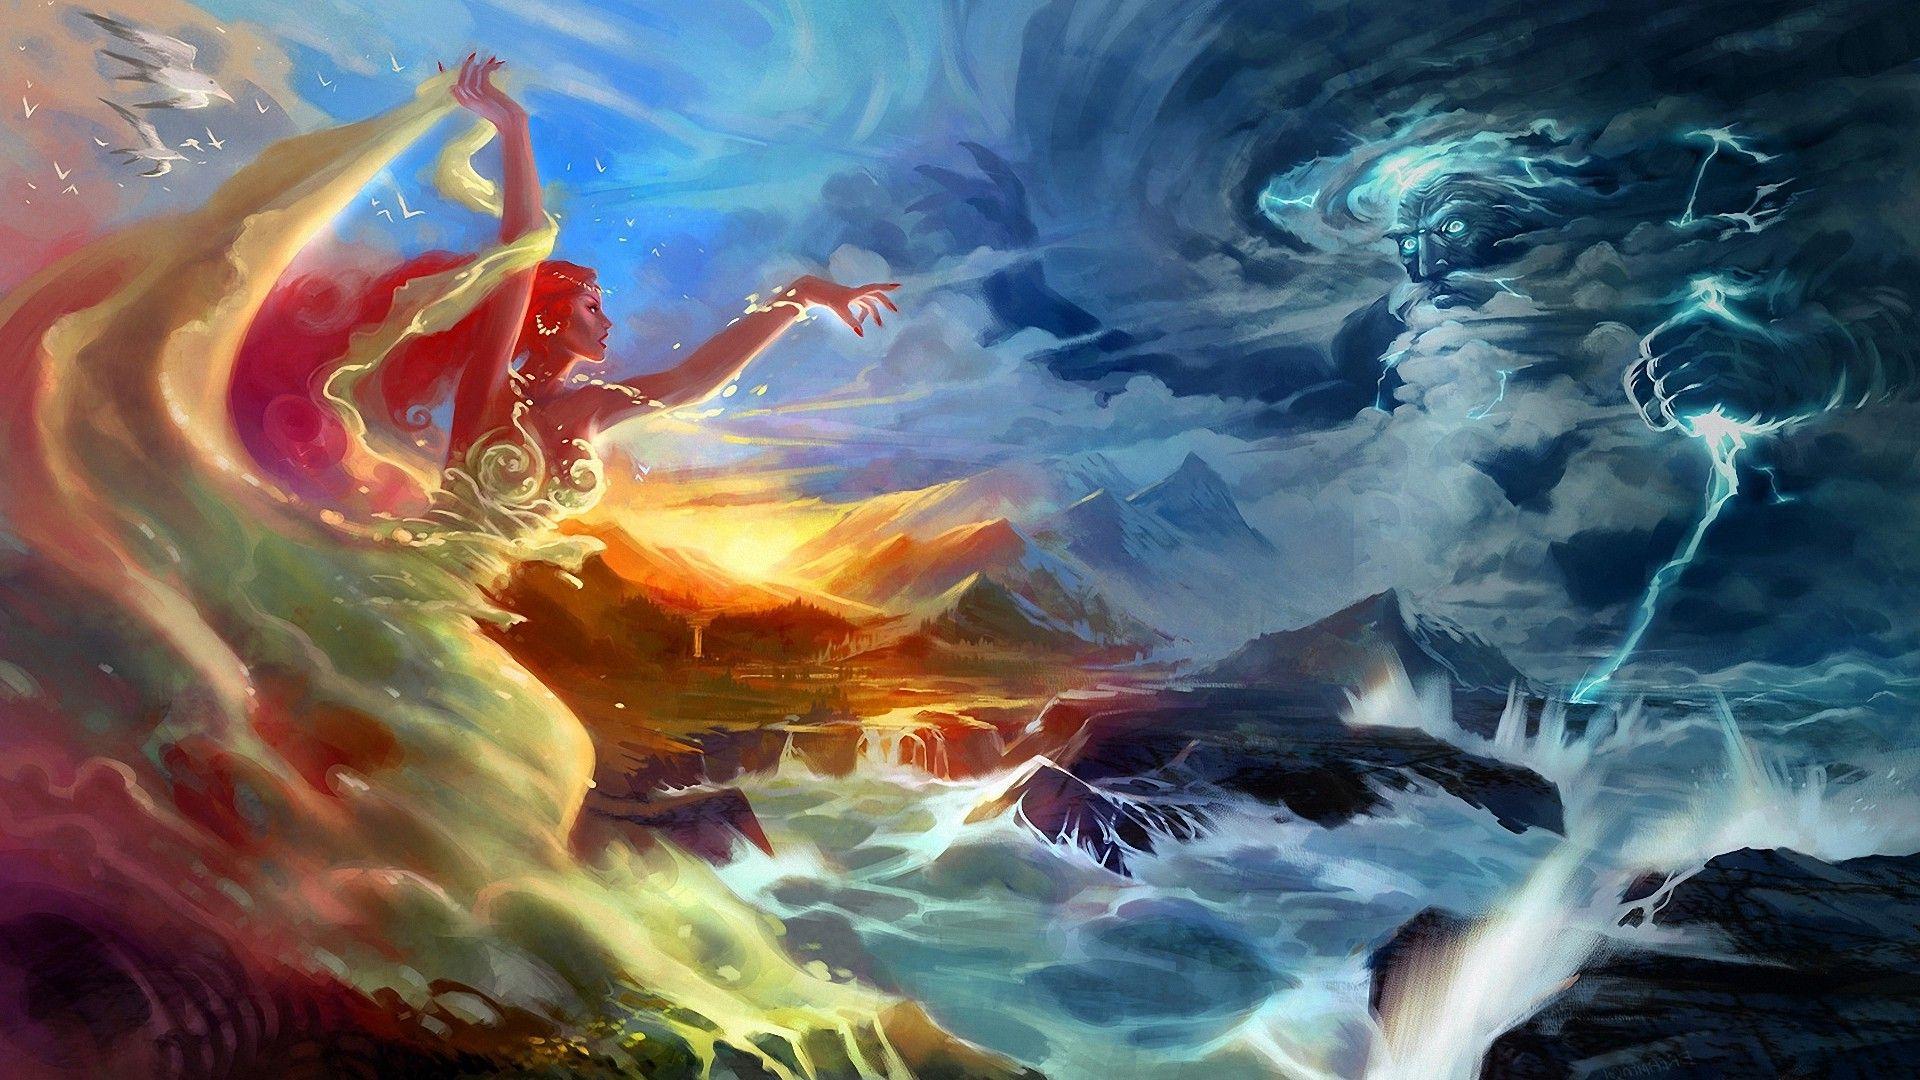 foam fantasy art battles artwork lightning sea Wallpaper